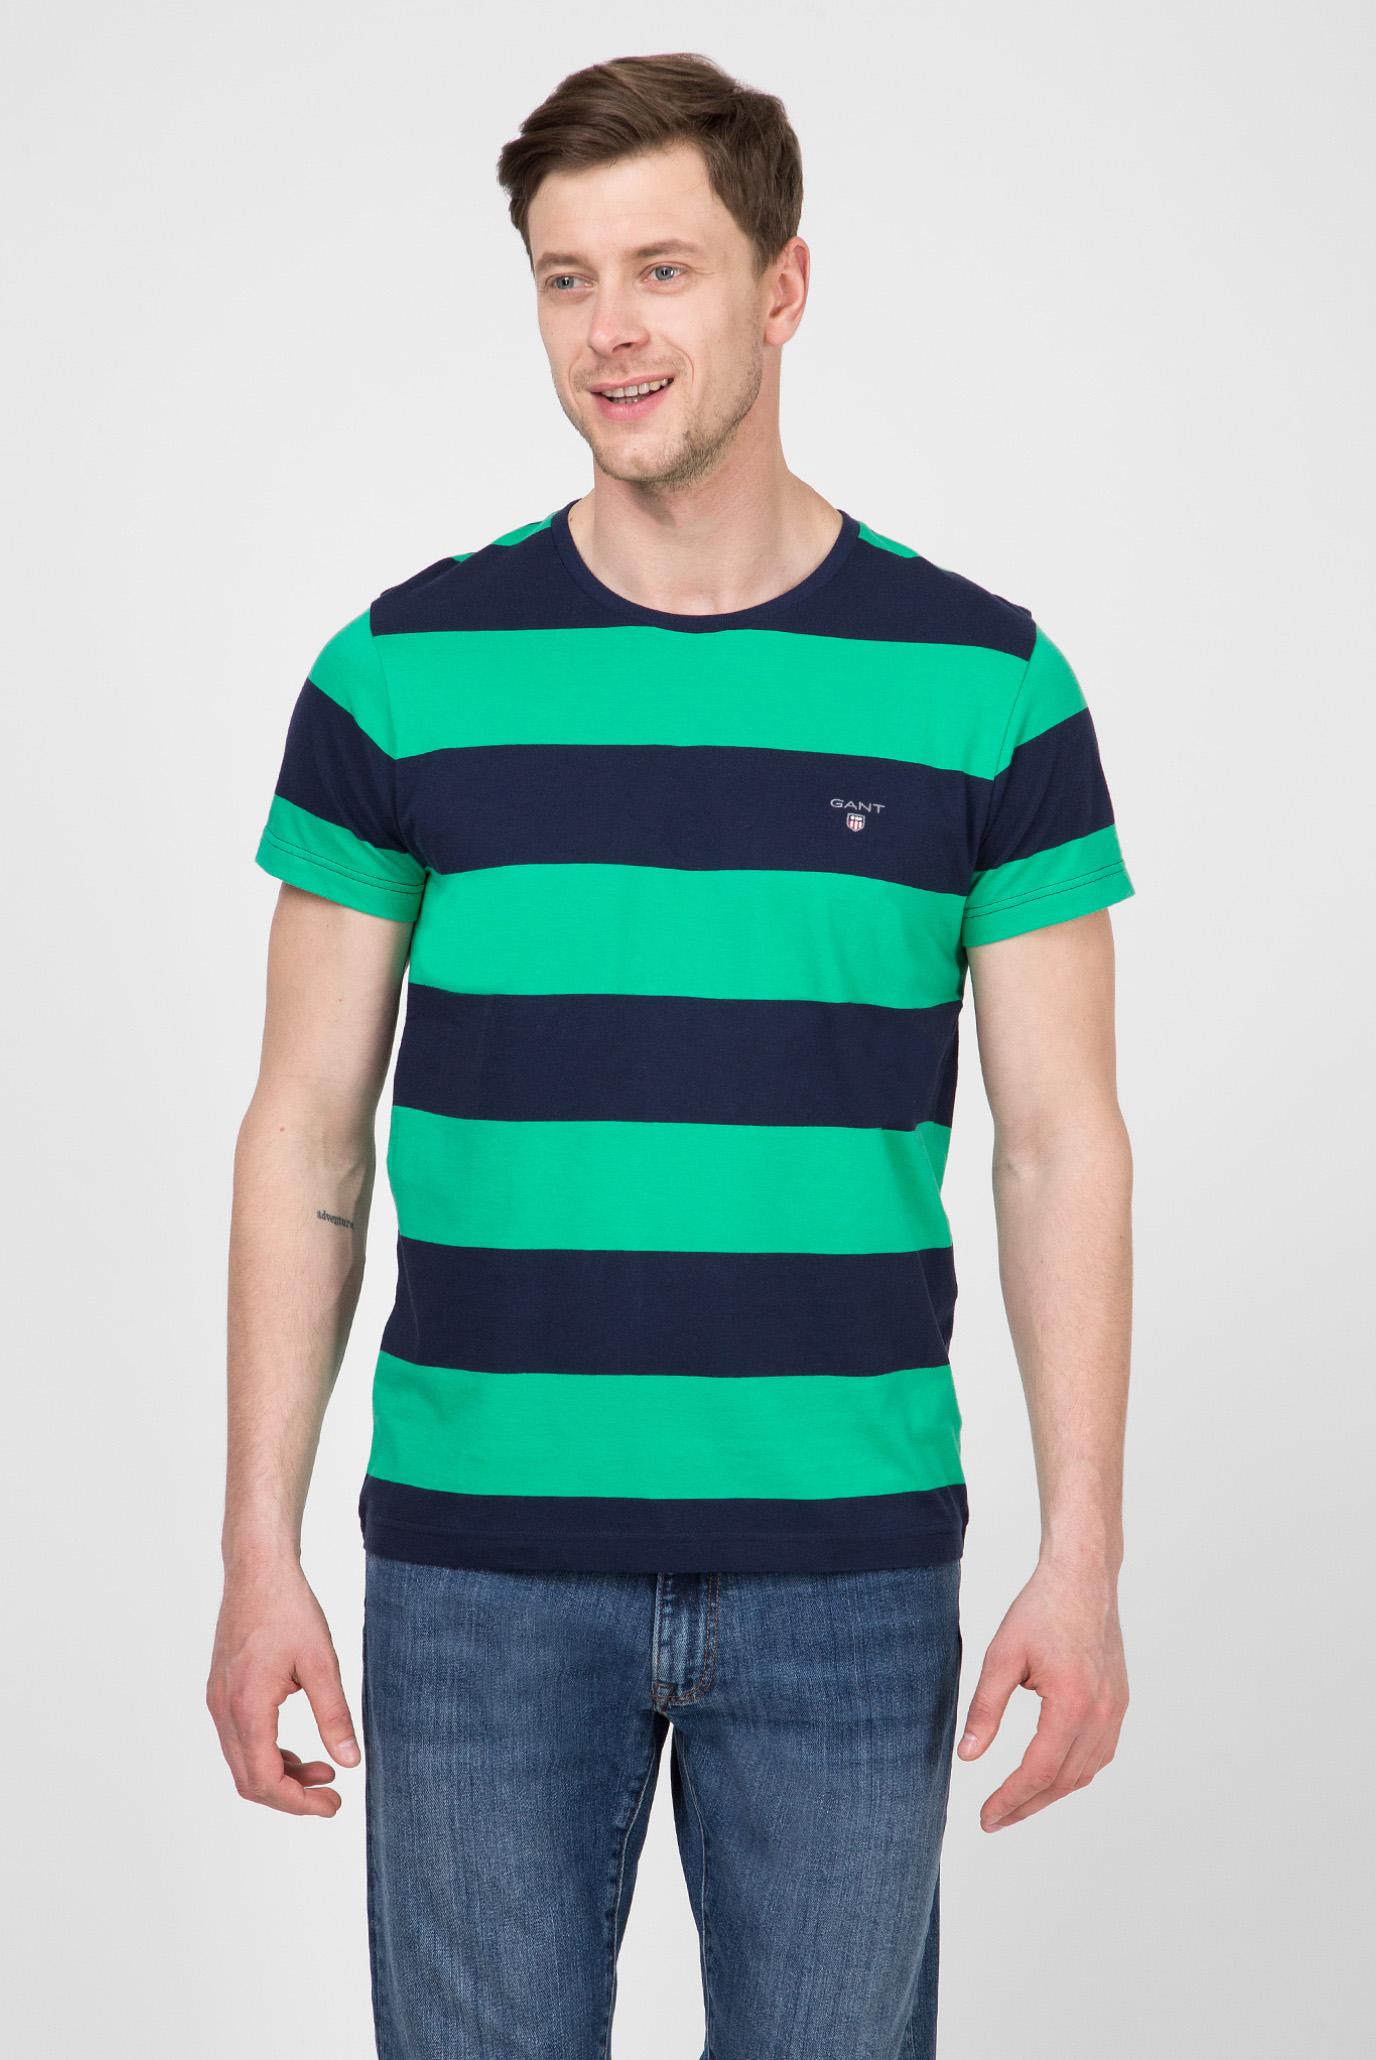 Купить Мужская футболка в полоску THE ORIGINAL Gant Gant 234133 – Киев, Украина. Цены в интернет магазине MD Fashion